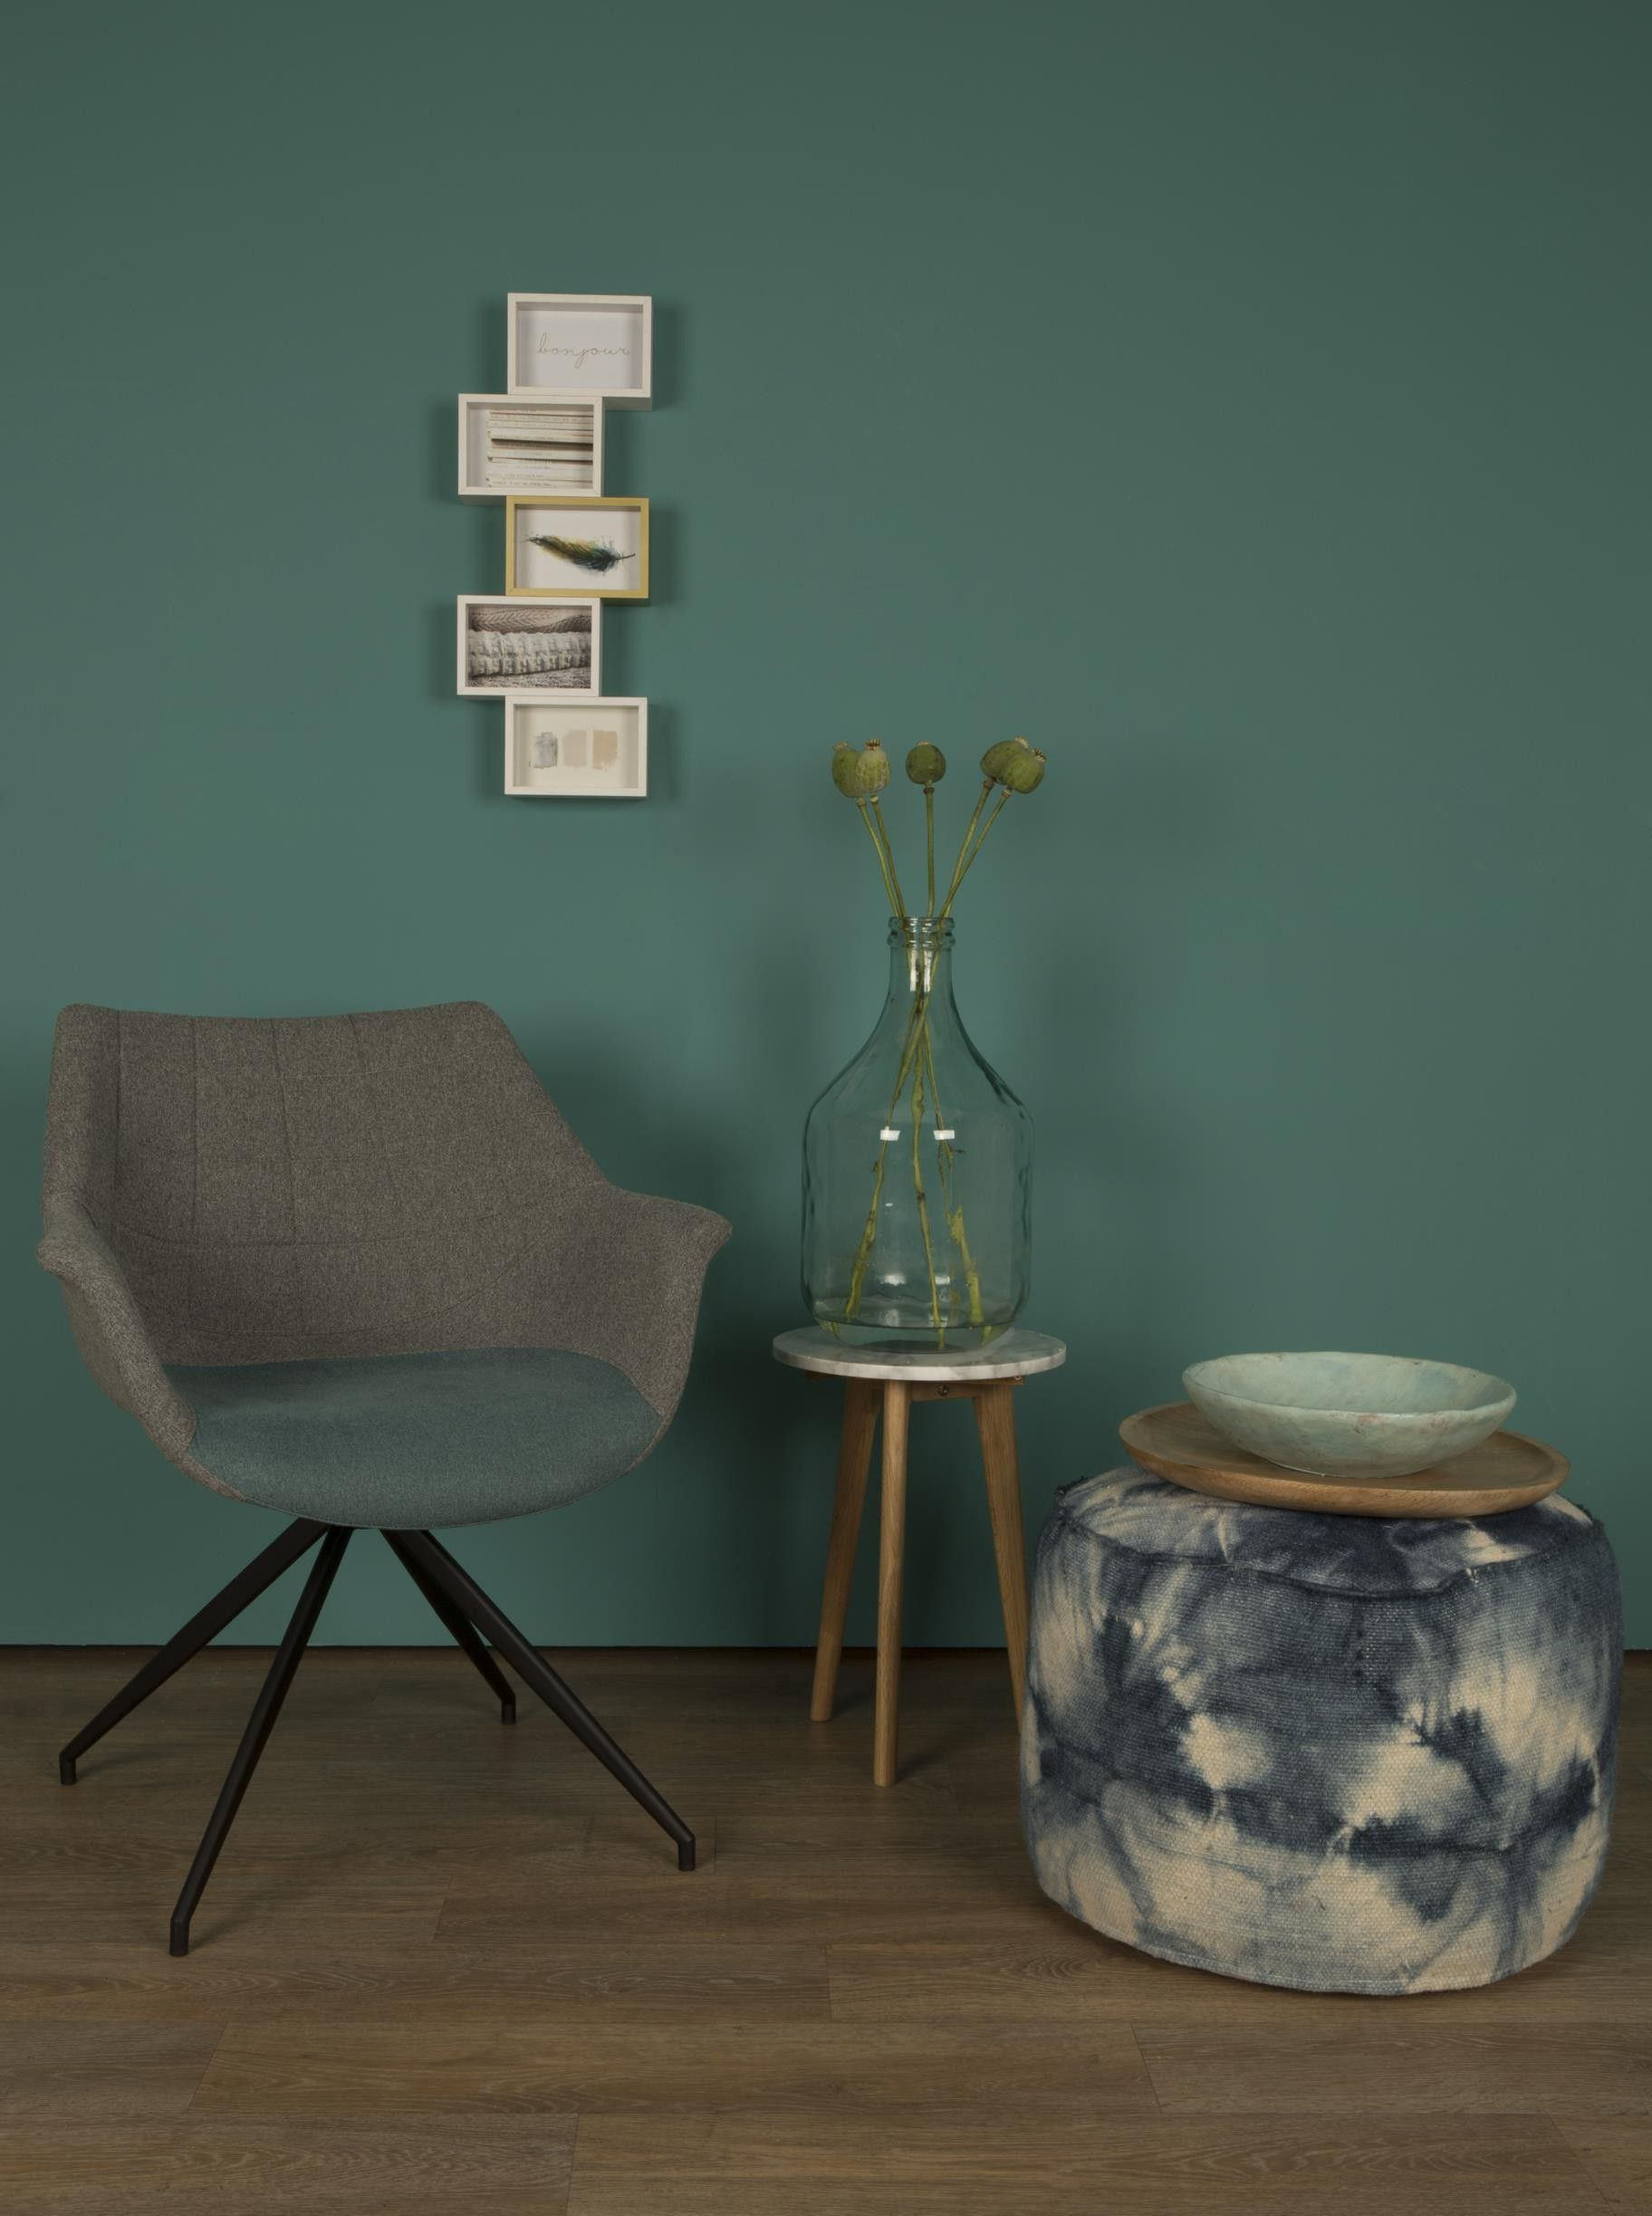 groen blauw grijs - Google zoeken - Blauwgroen woonkamer | Pinterest ...